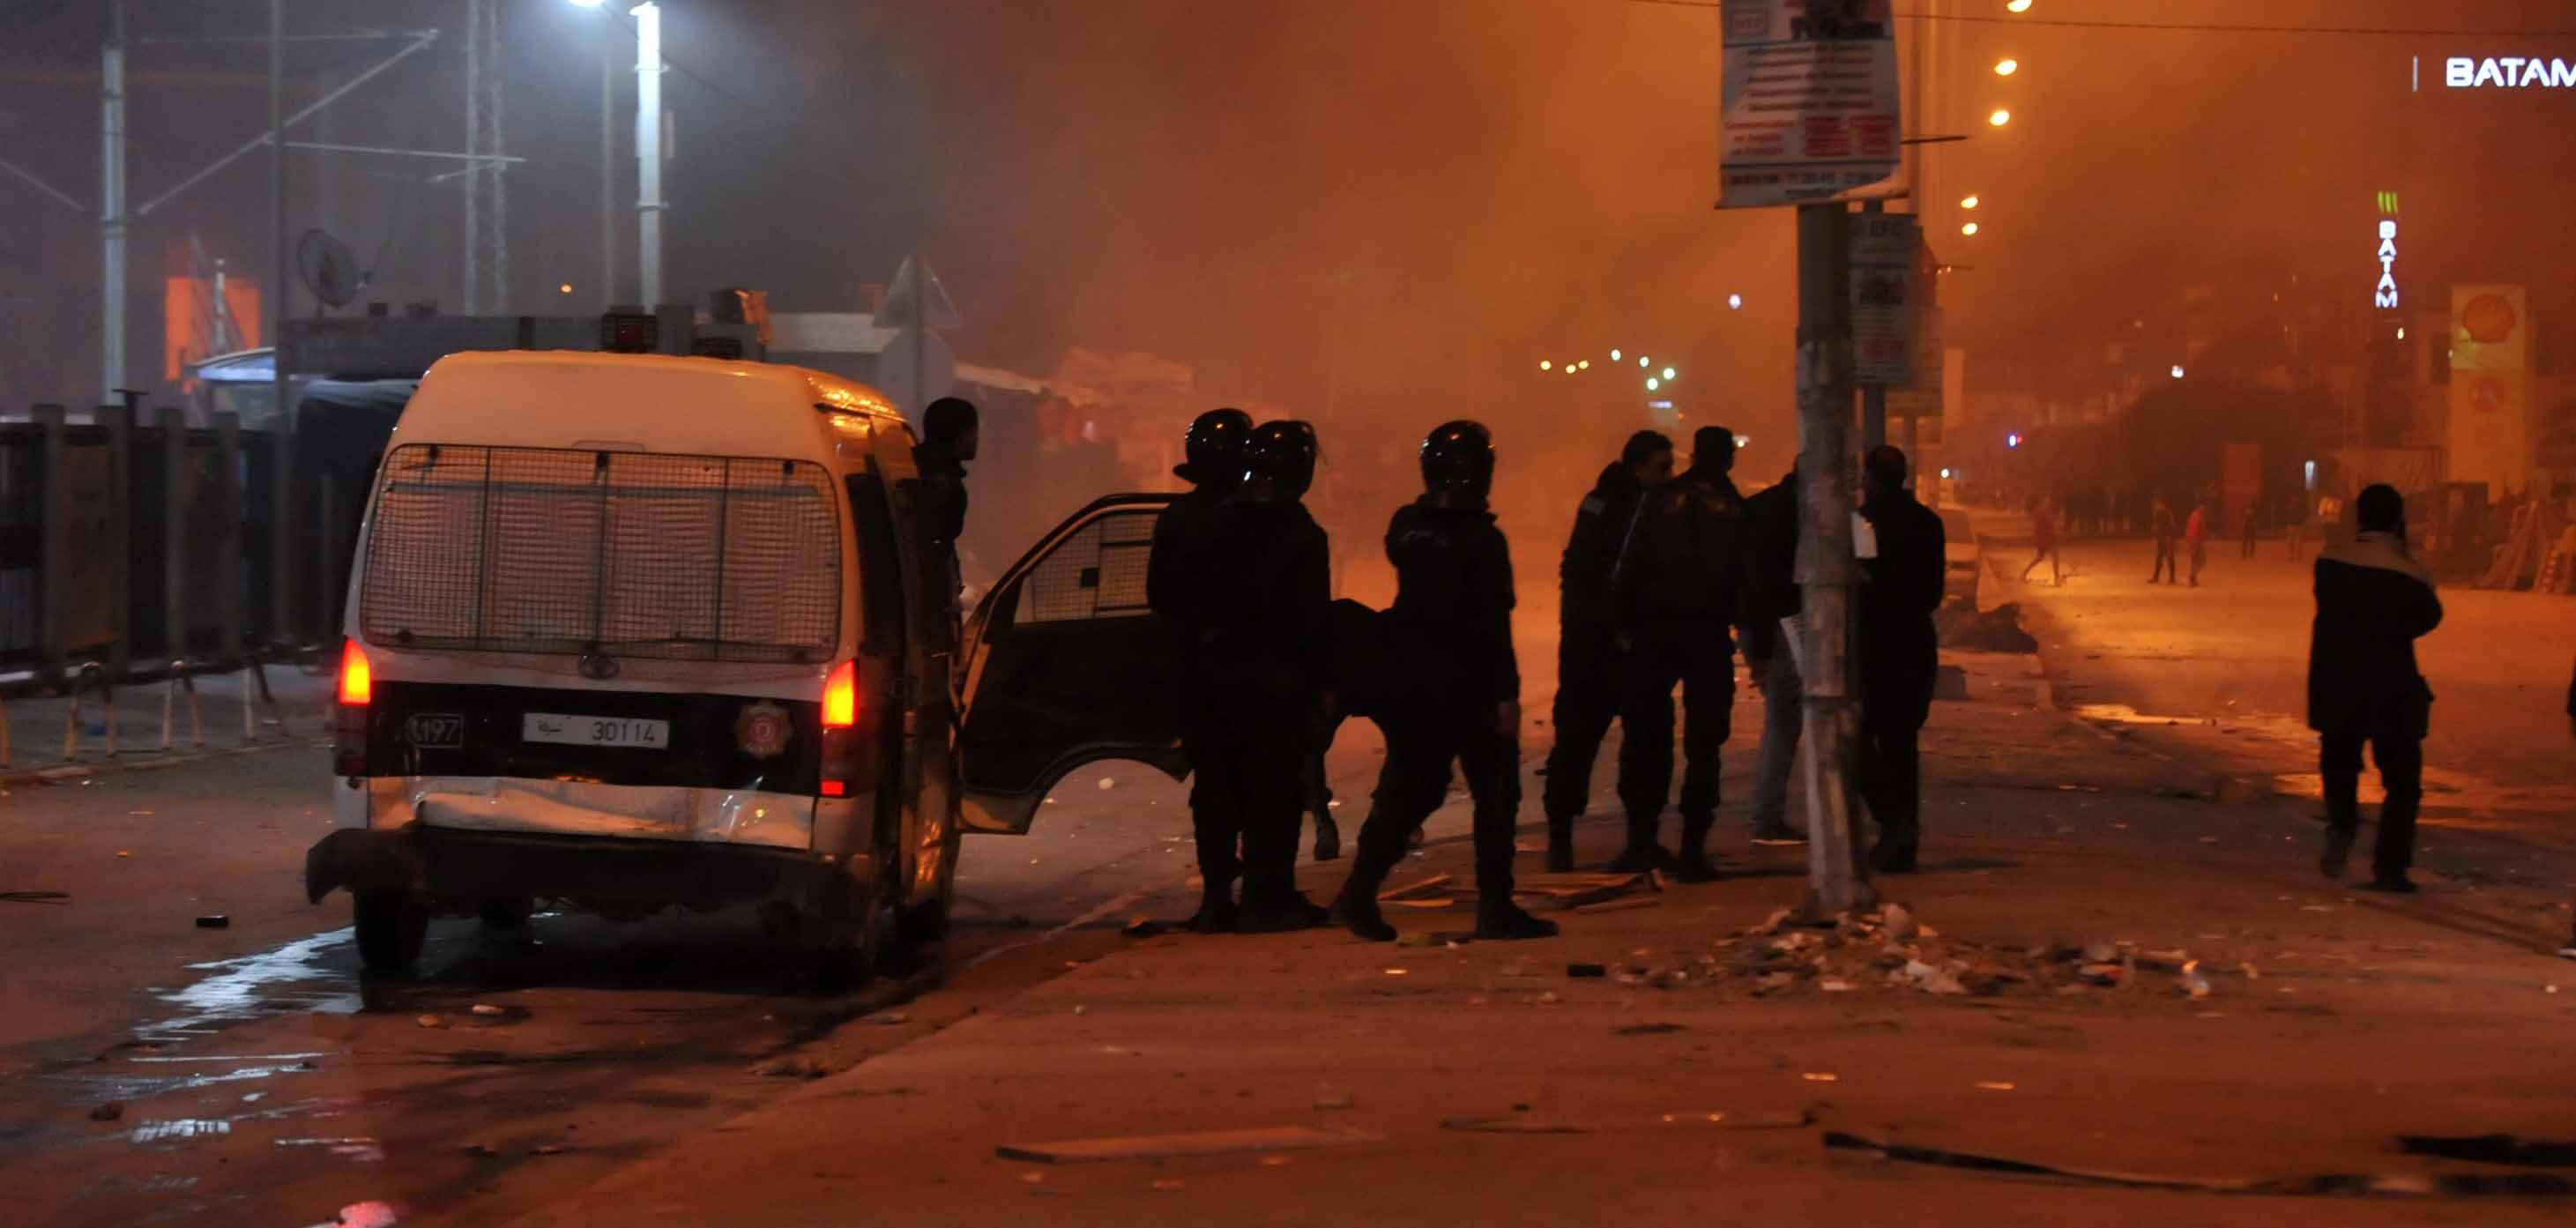 نتيجة بحث الصور عن احداث شغب تونس